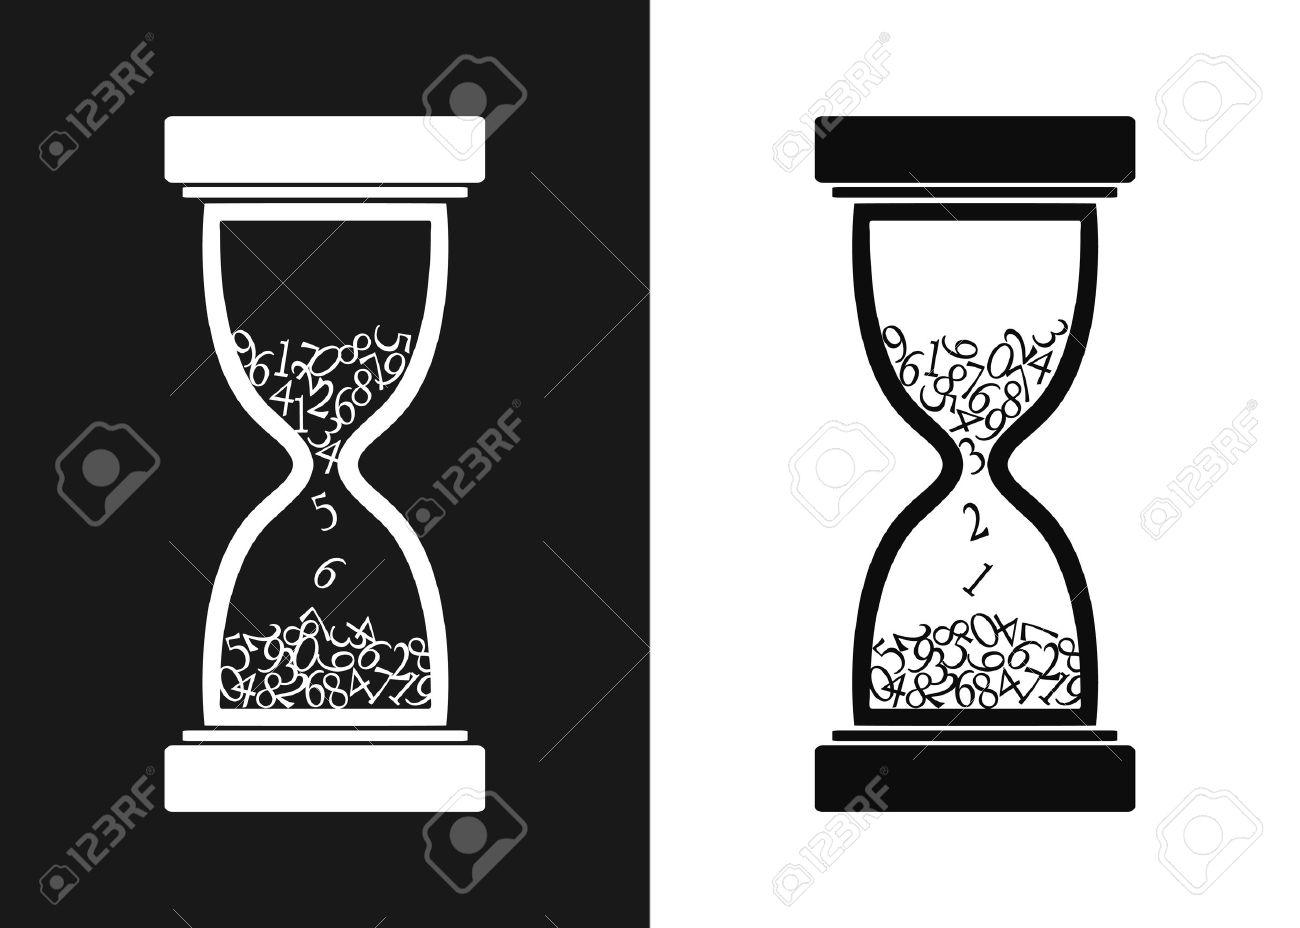 Reloj De Arena Estilizado Blanco Y Negro Ilustración Vectorial